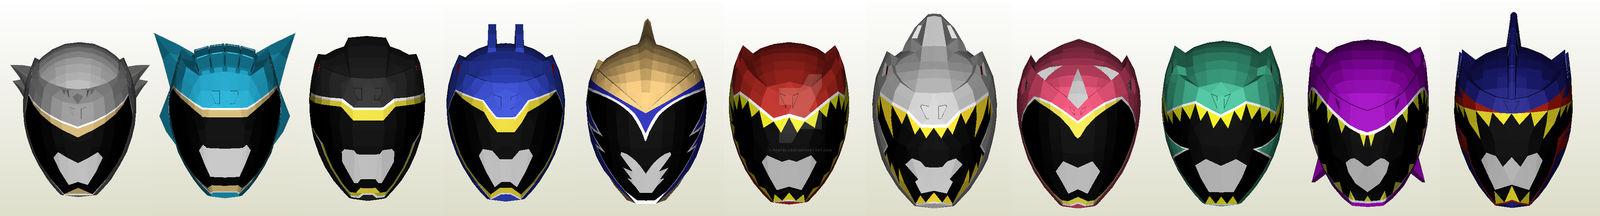 Zyuden Sentai Kyoryuger Helmet Pepakura